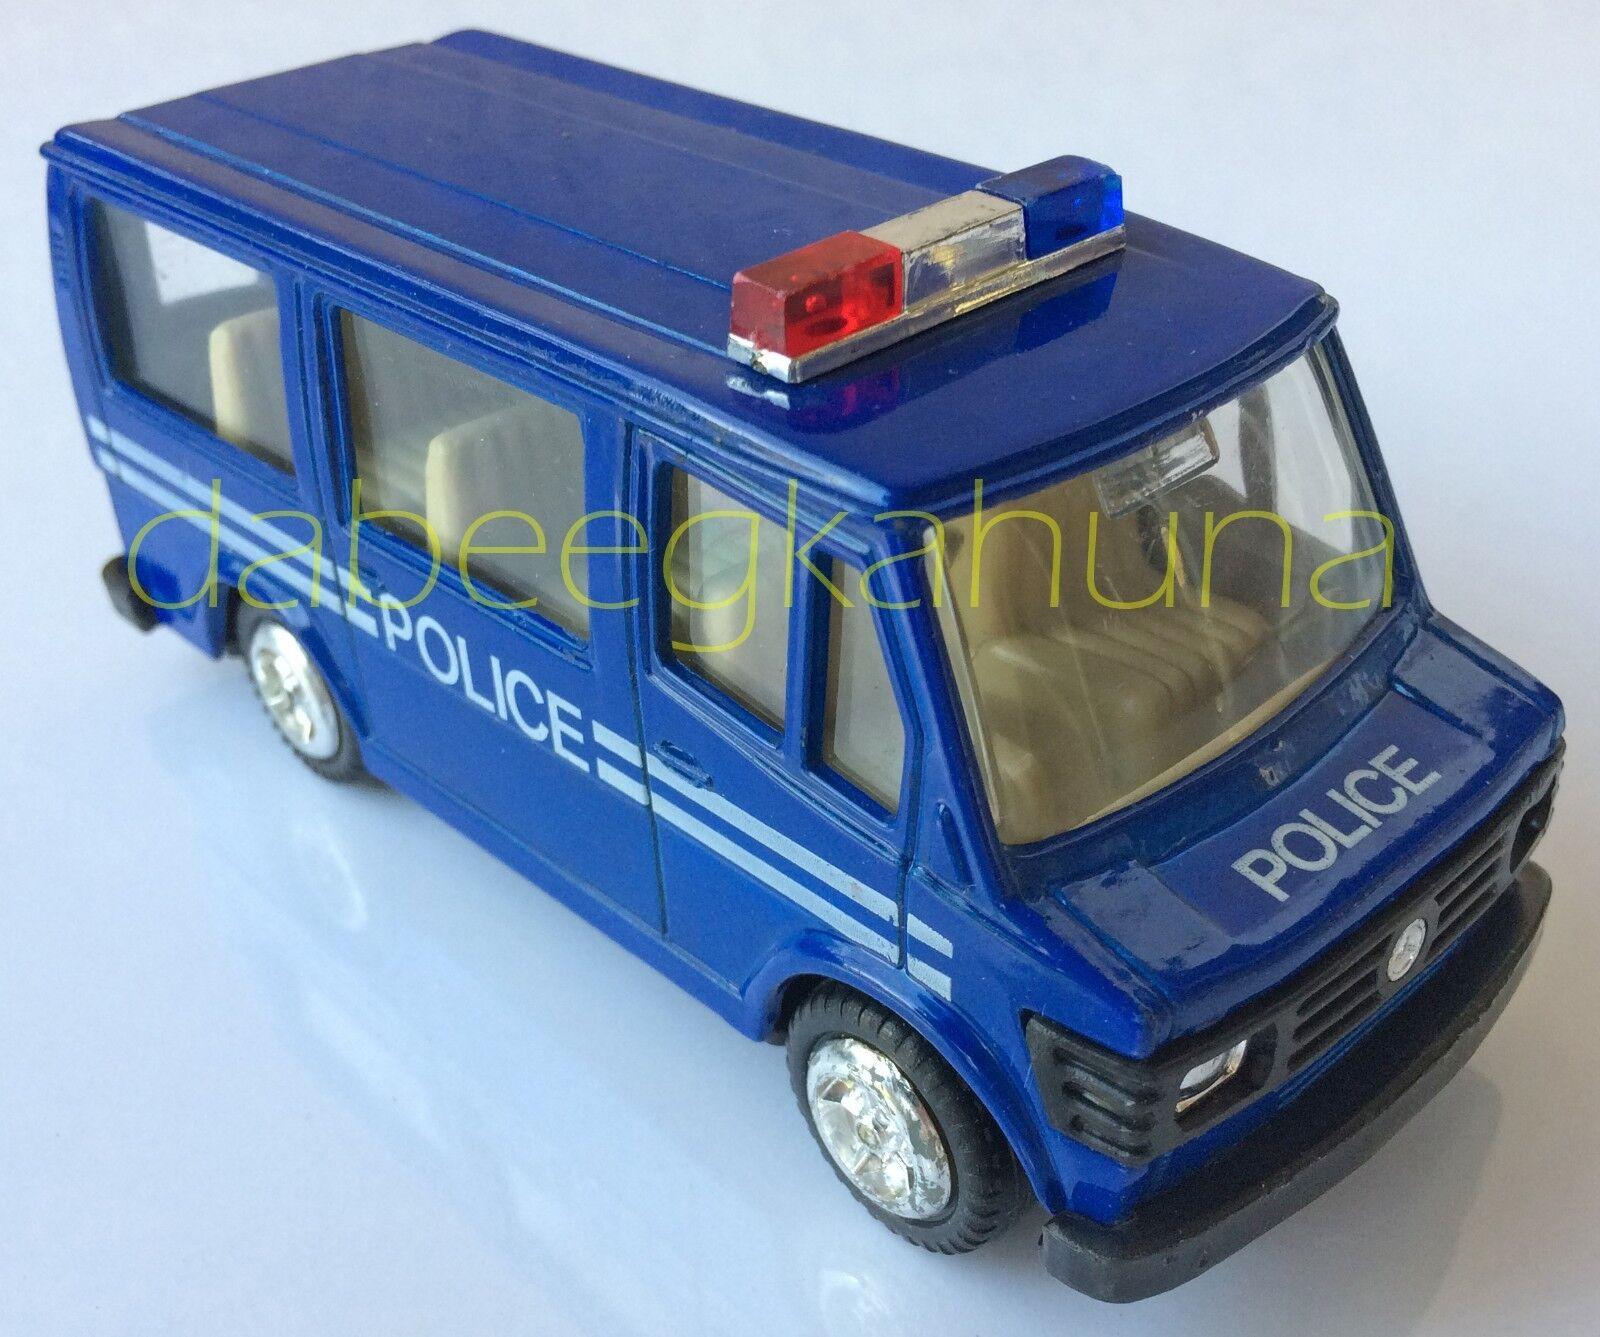 Mercedes Benz - Police Van Van Van - Rubber Tires - Die-Cast - 5   L - TT - No. 828 a182b9